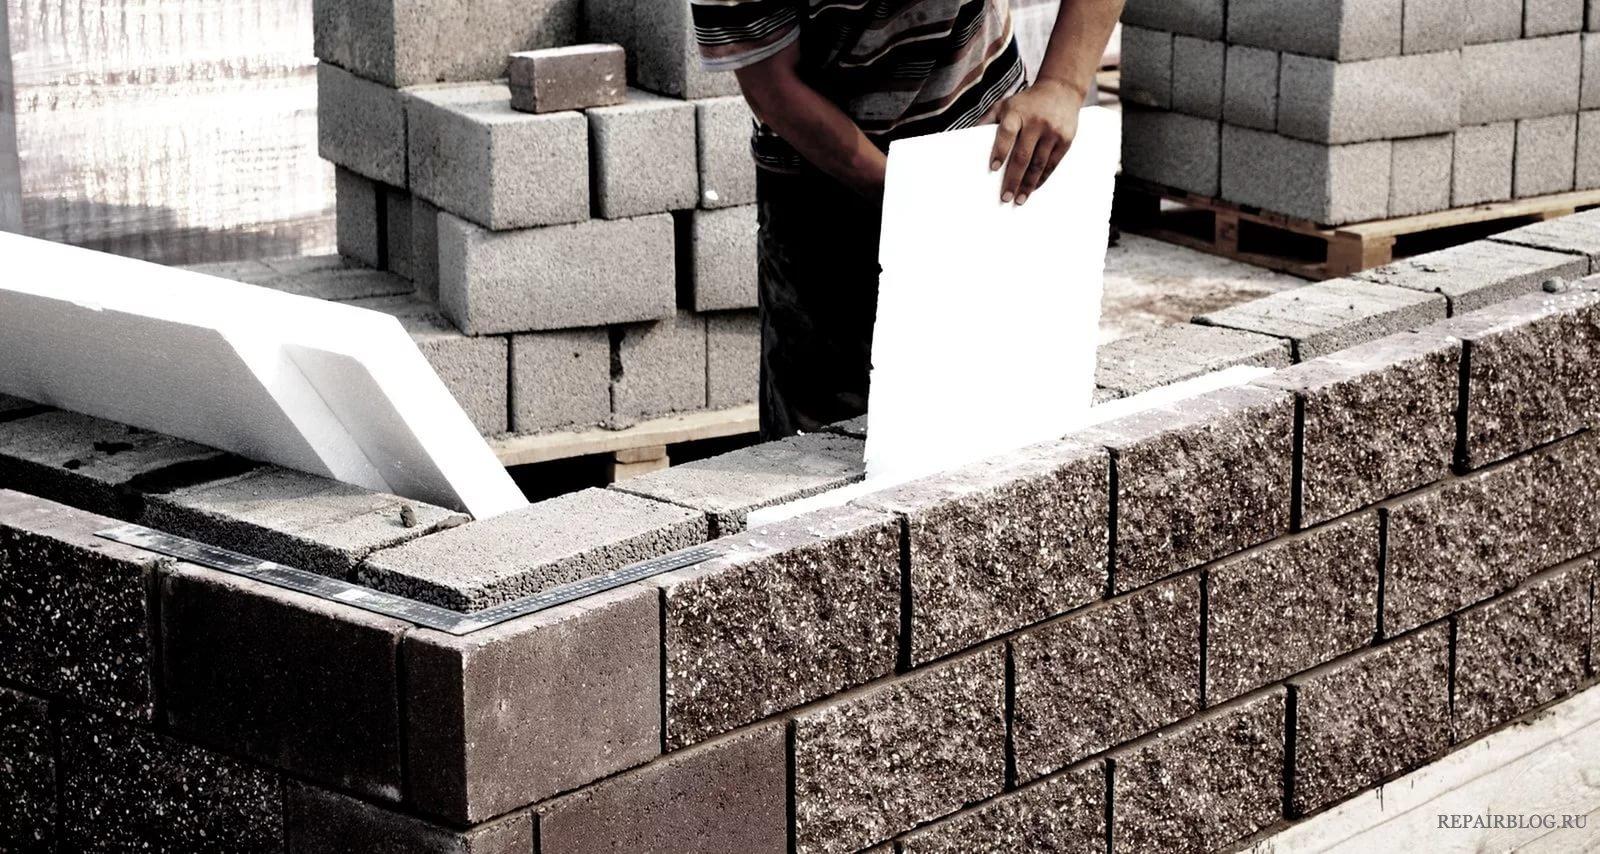 кладка стен керамзитобетонными блоками